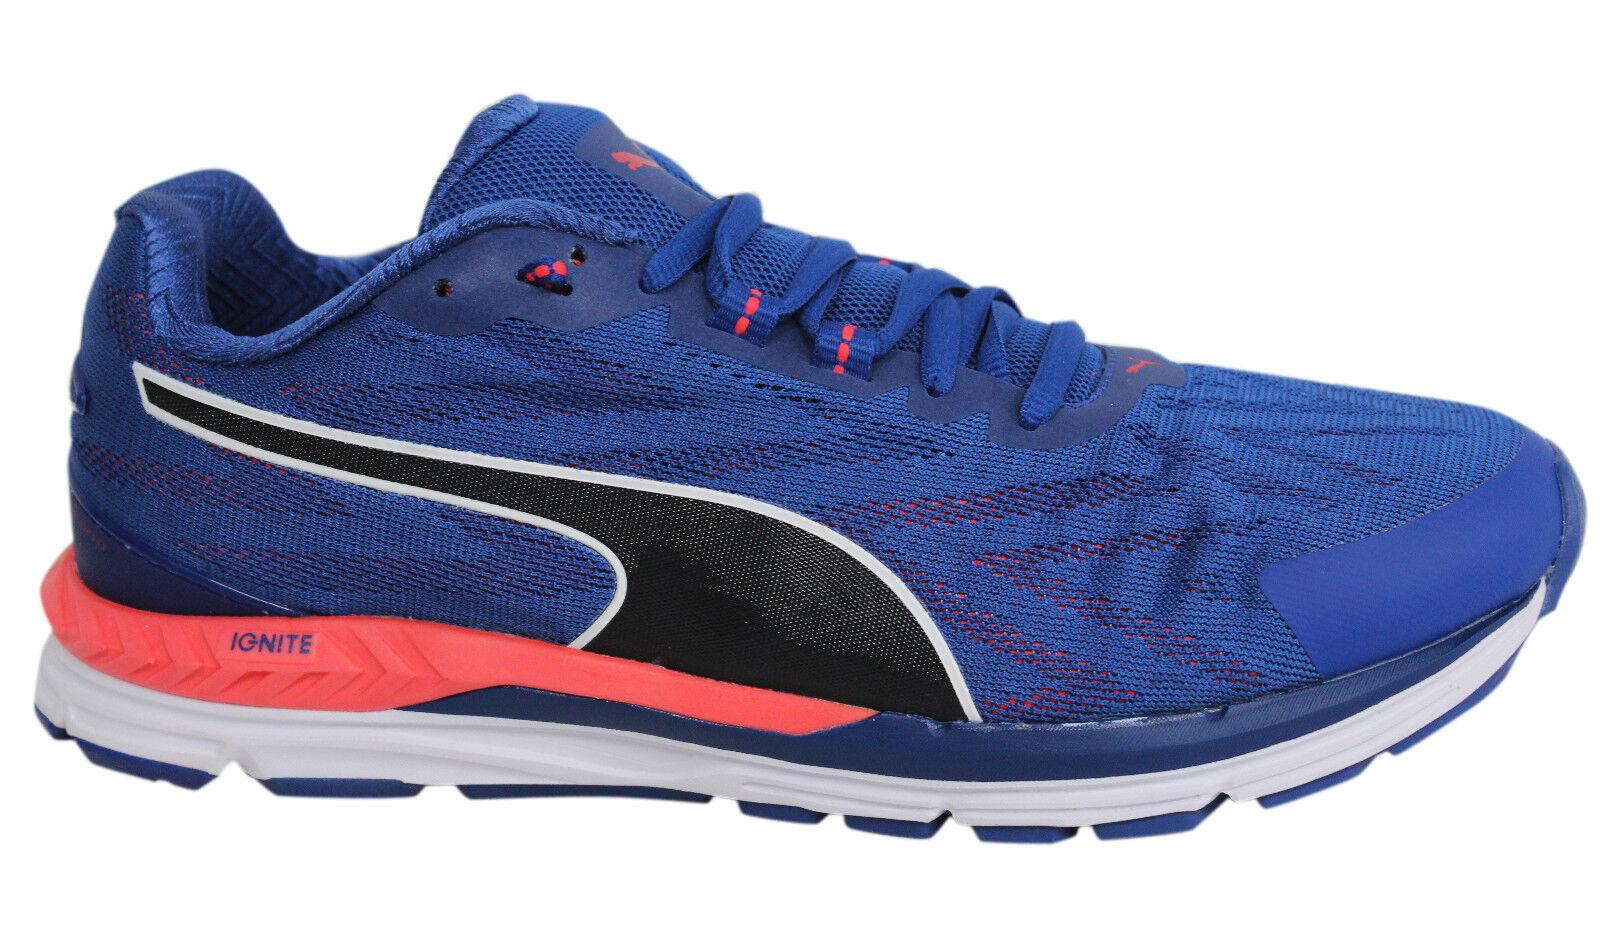 scarpe puma ignite bleu